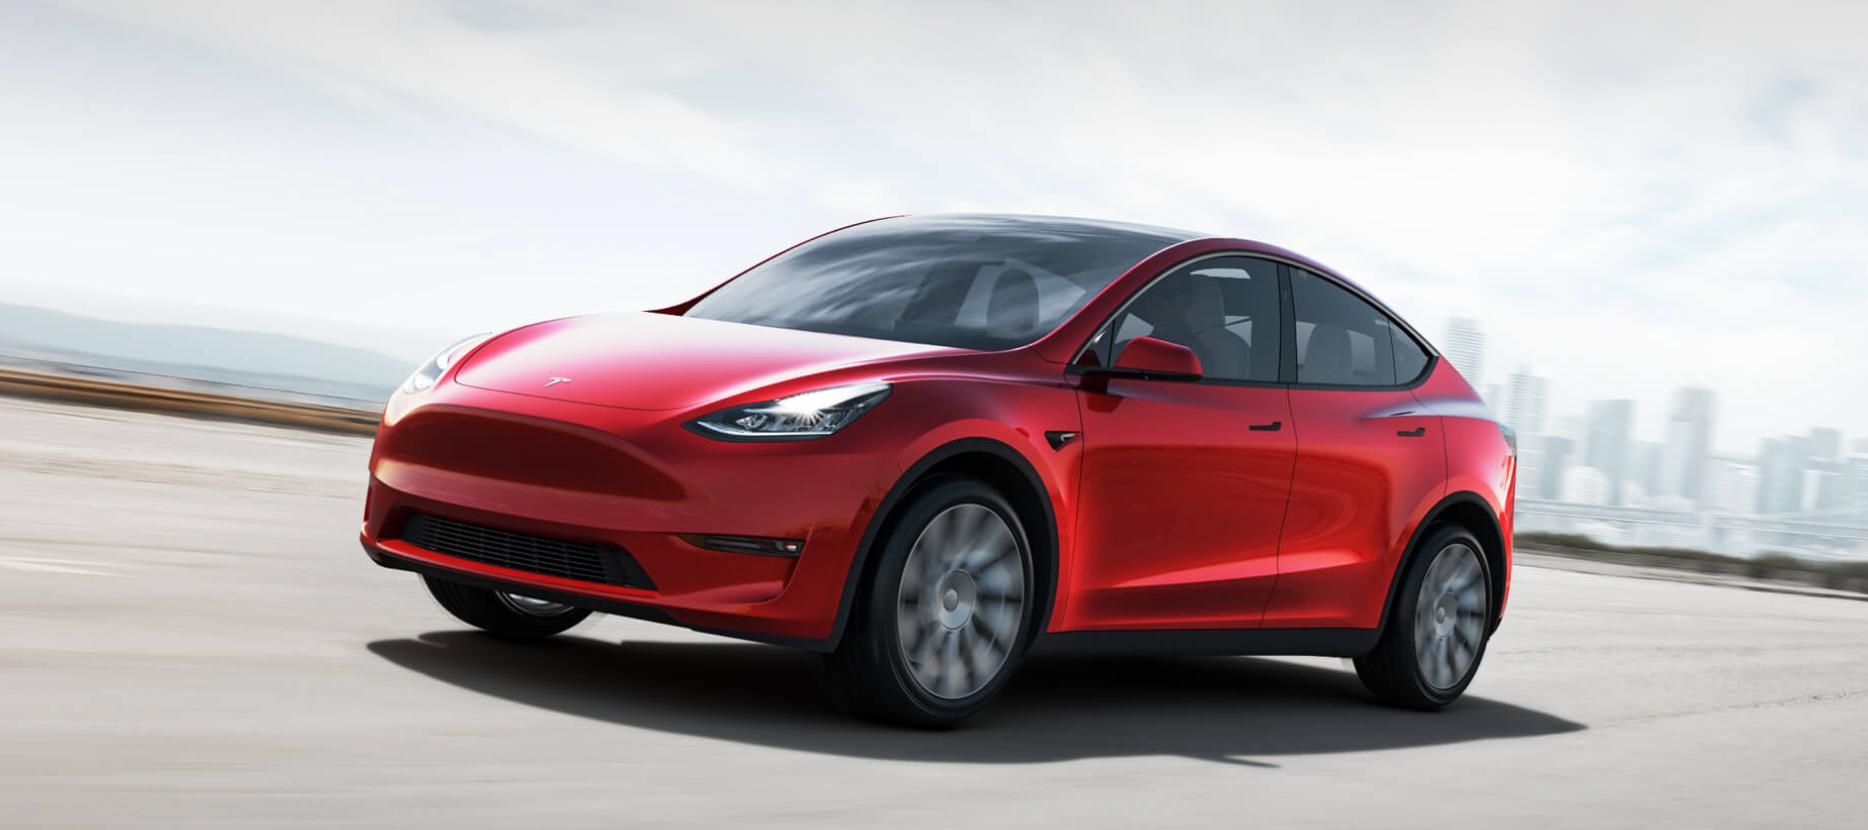 Model Y Twitter: Tesla Model Y: Tesla Fans On Twitter Fawn Over Elon Musk's